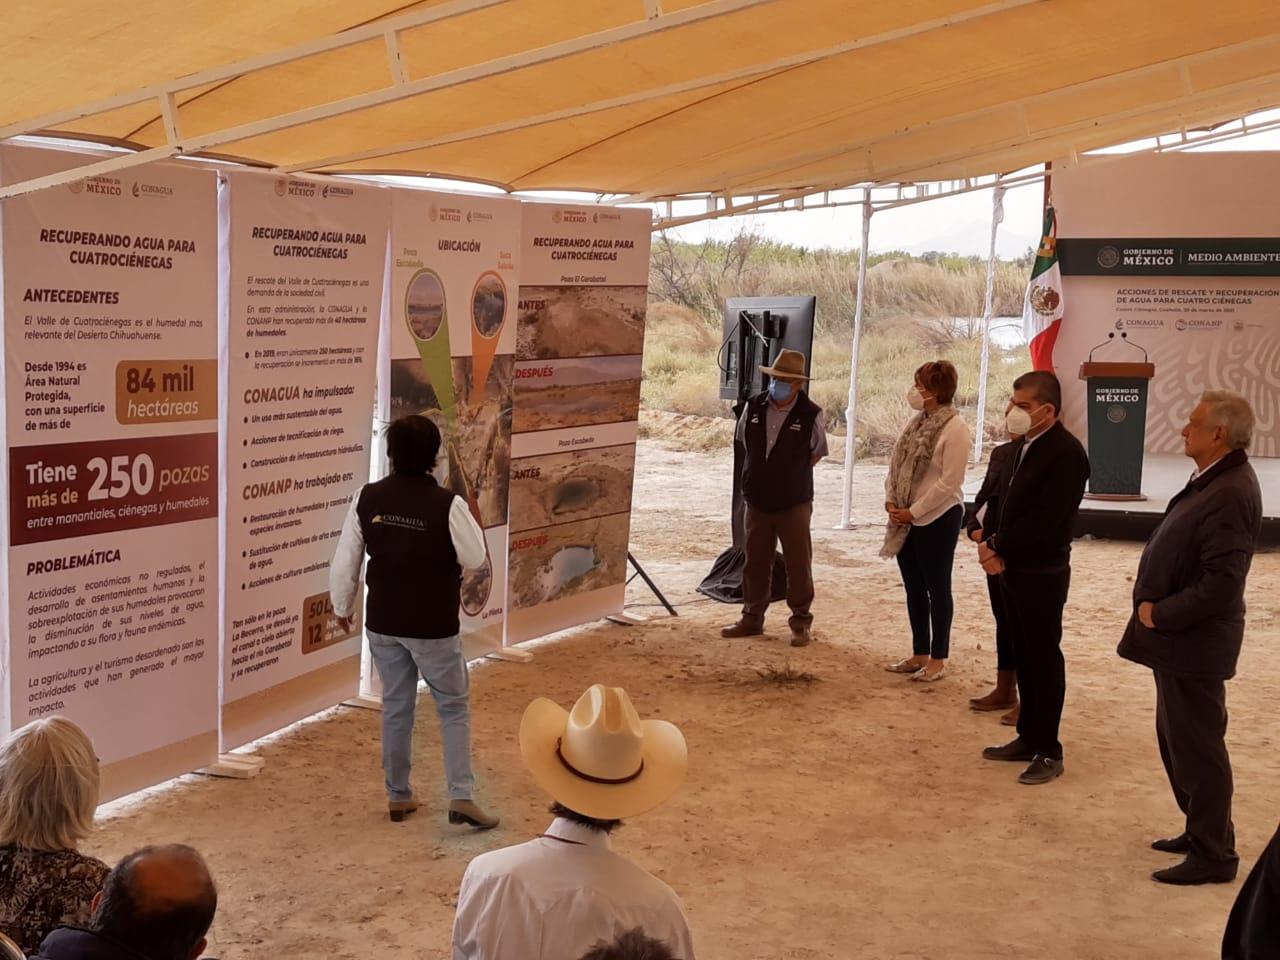 Aborda AMLO recuperación de agua en 84 mil hectáreas de área natural protegida de Cuatro Ciénegas